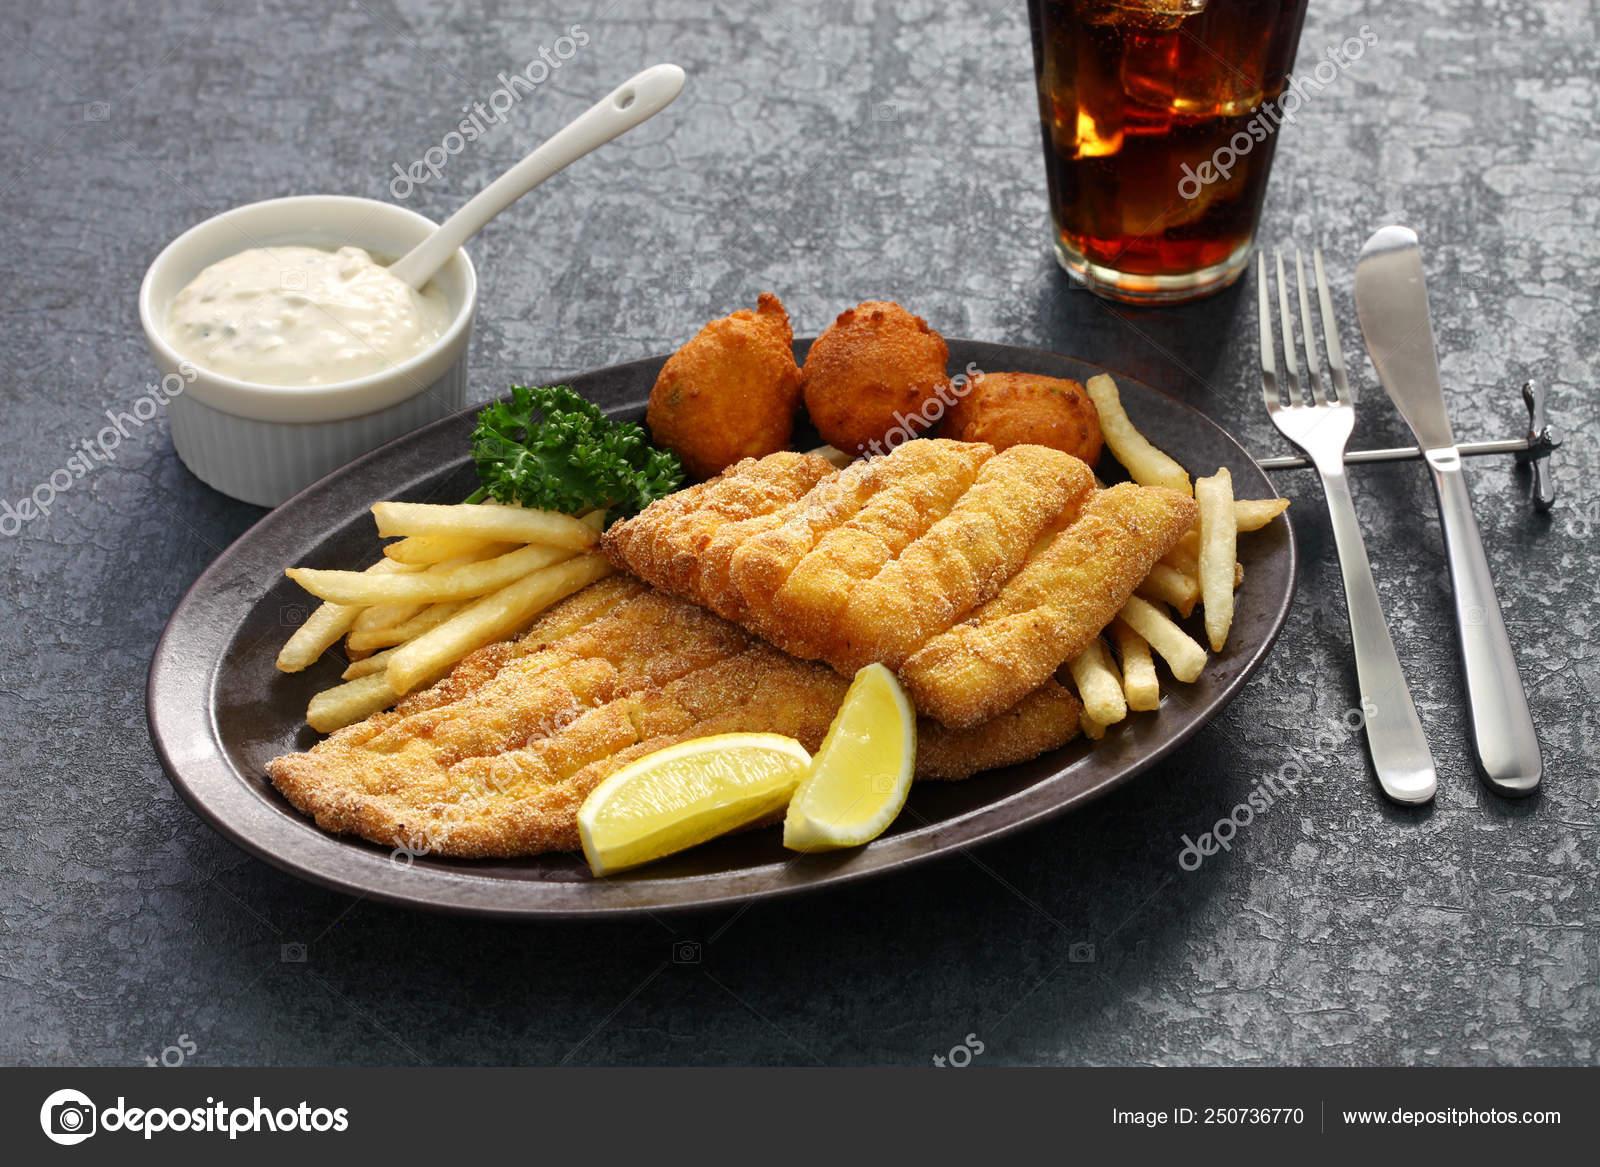 Smazone Ryby Poludniowej Plyta Kuchnia Amerykanska Zdjecie